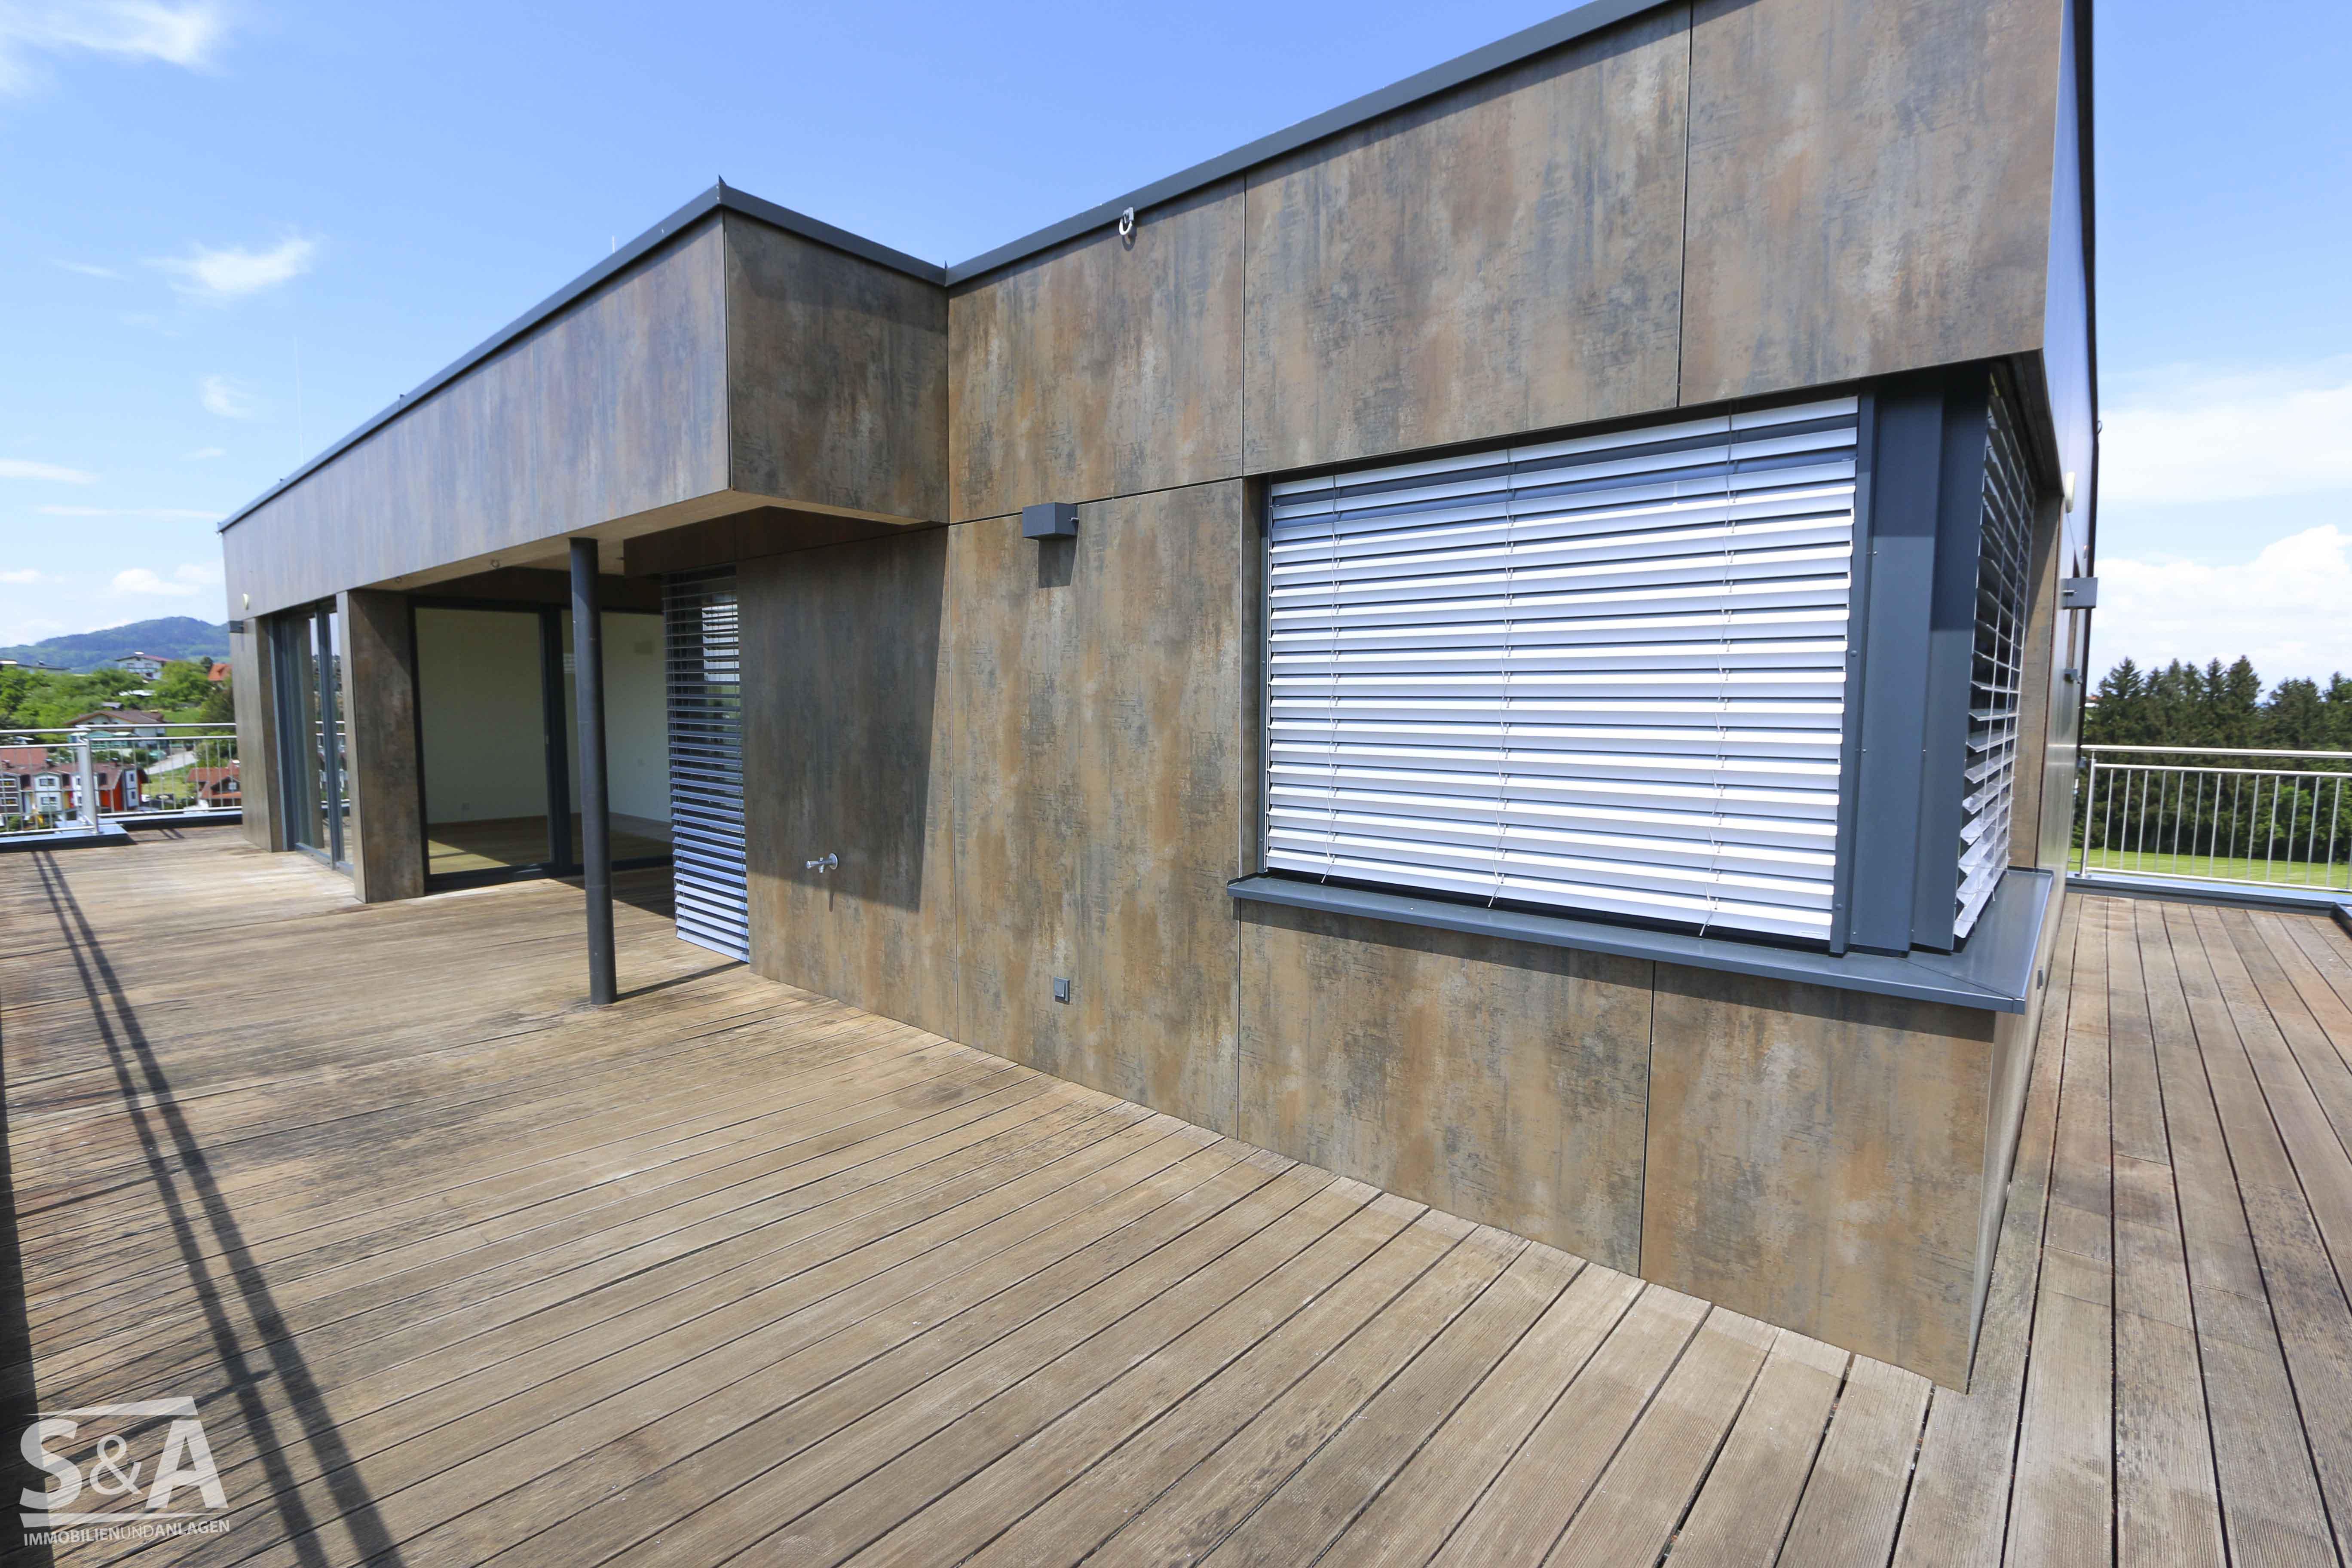 SuA_Immobilien_Penthouse_Kraihaim45-7